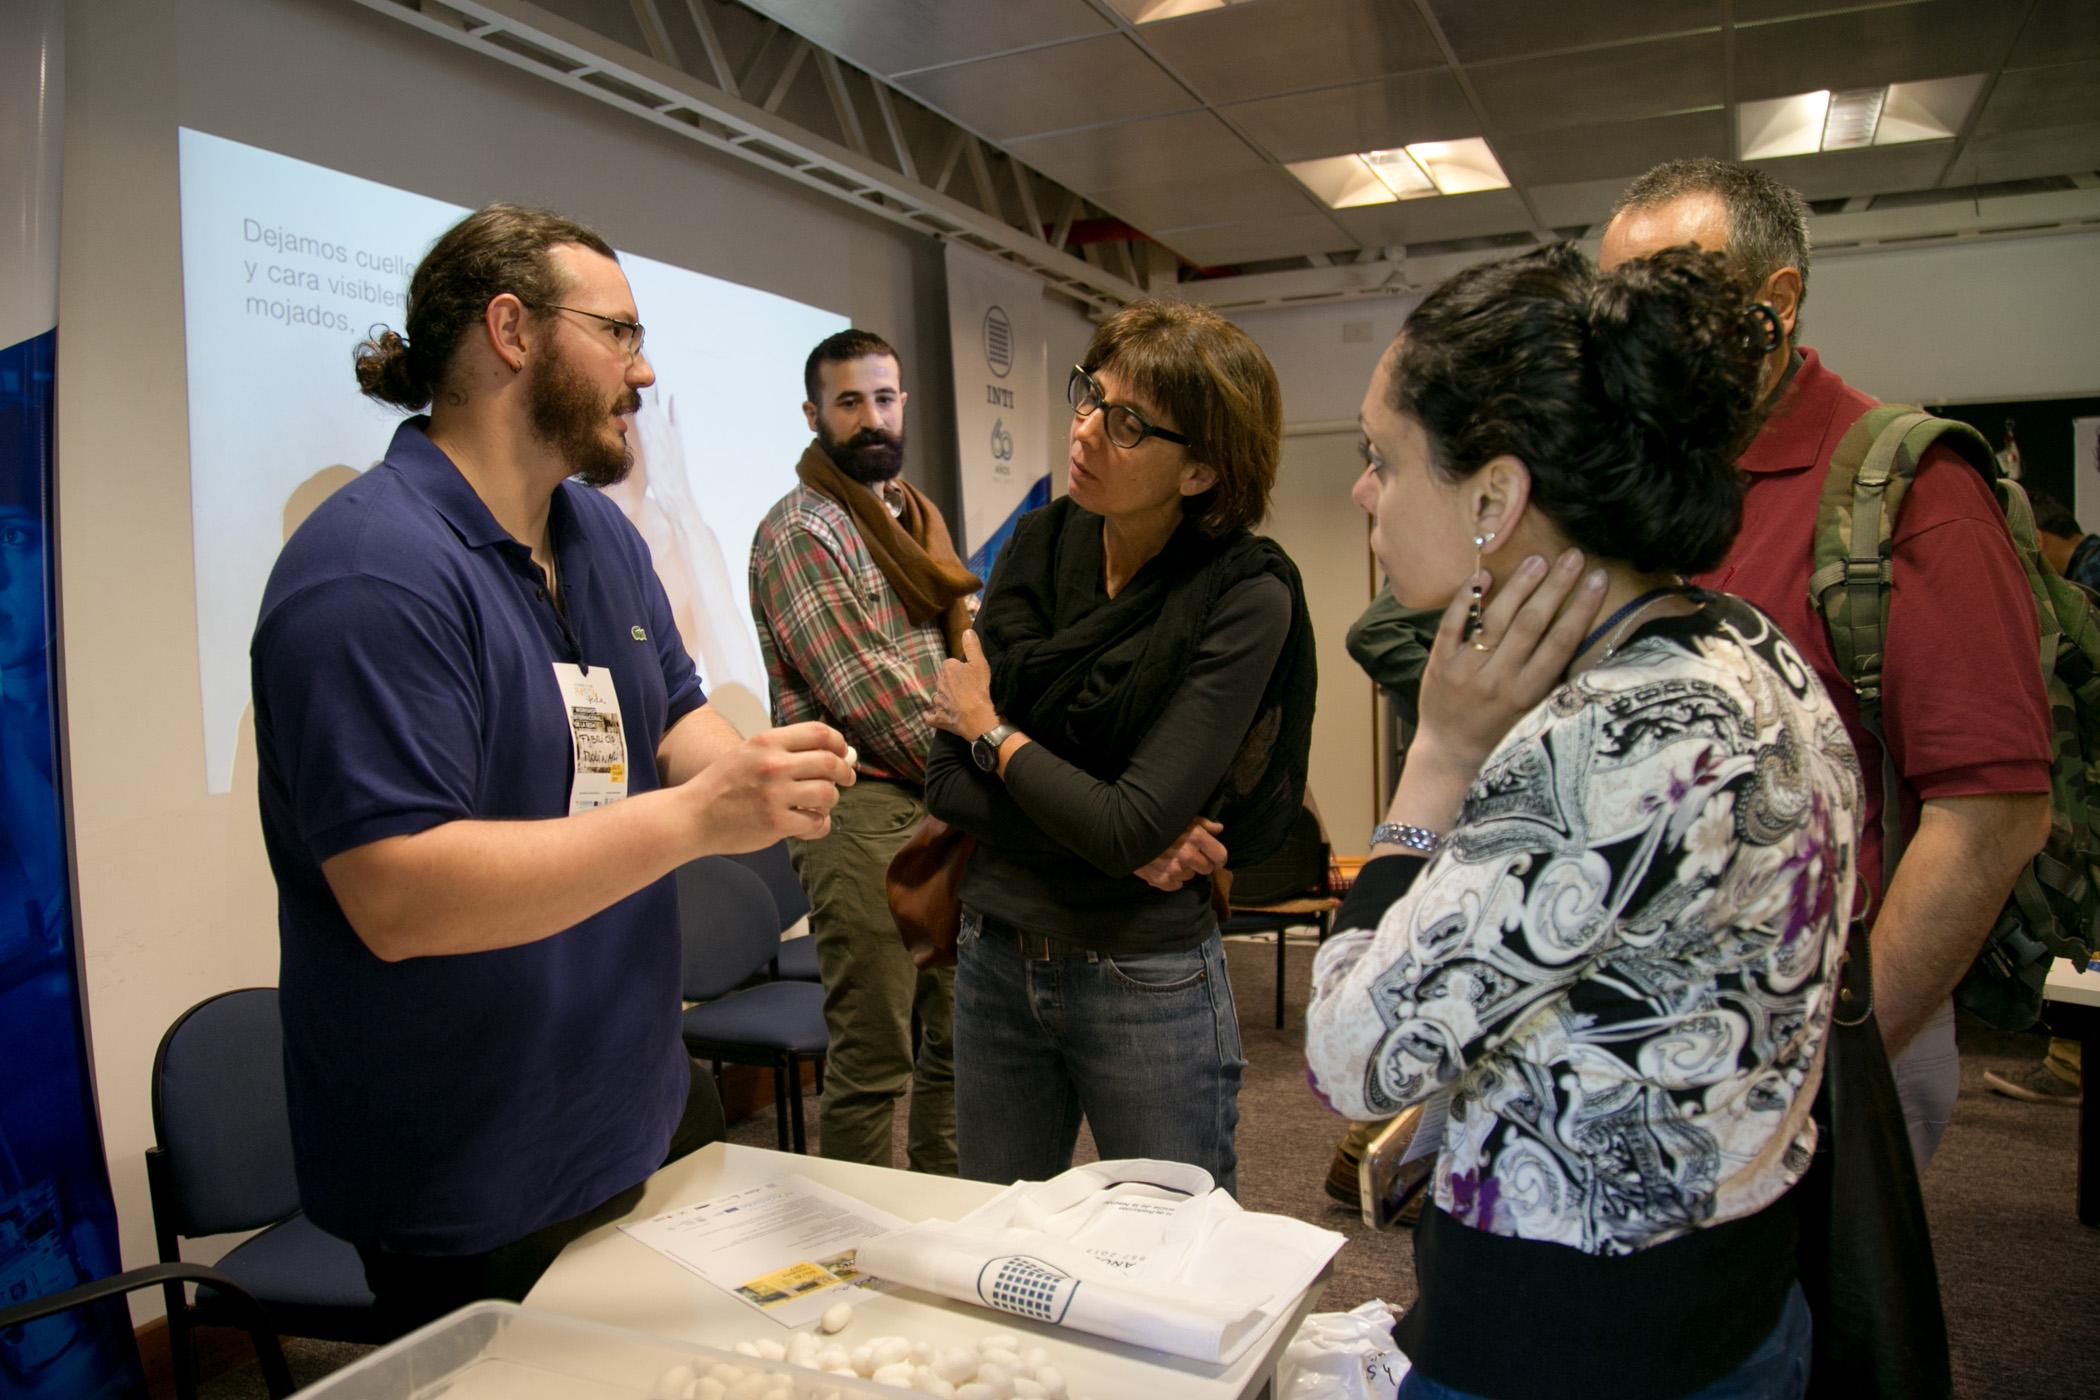 Exhibición sobre seda arte y tecnología, 1° Workshop Internacional de la Seda